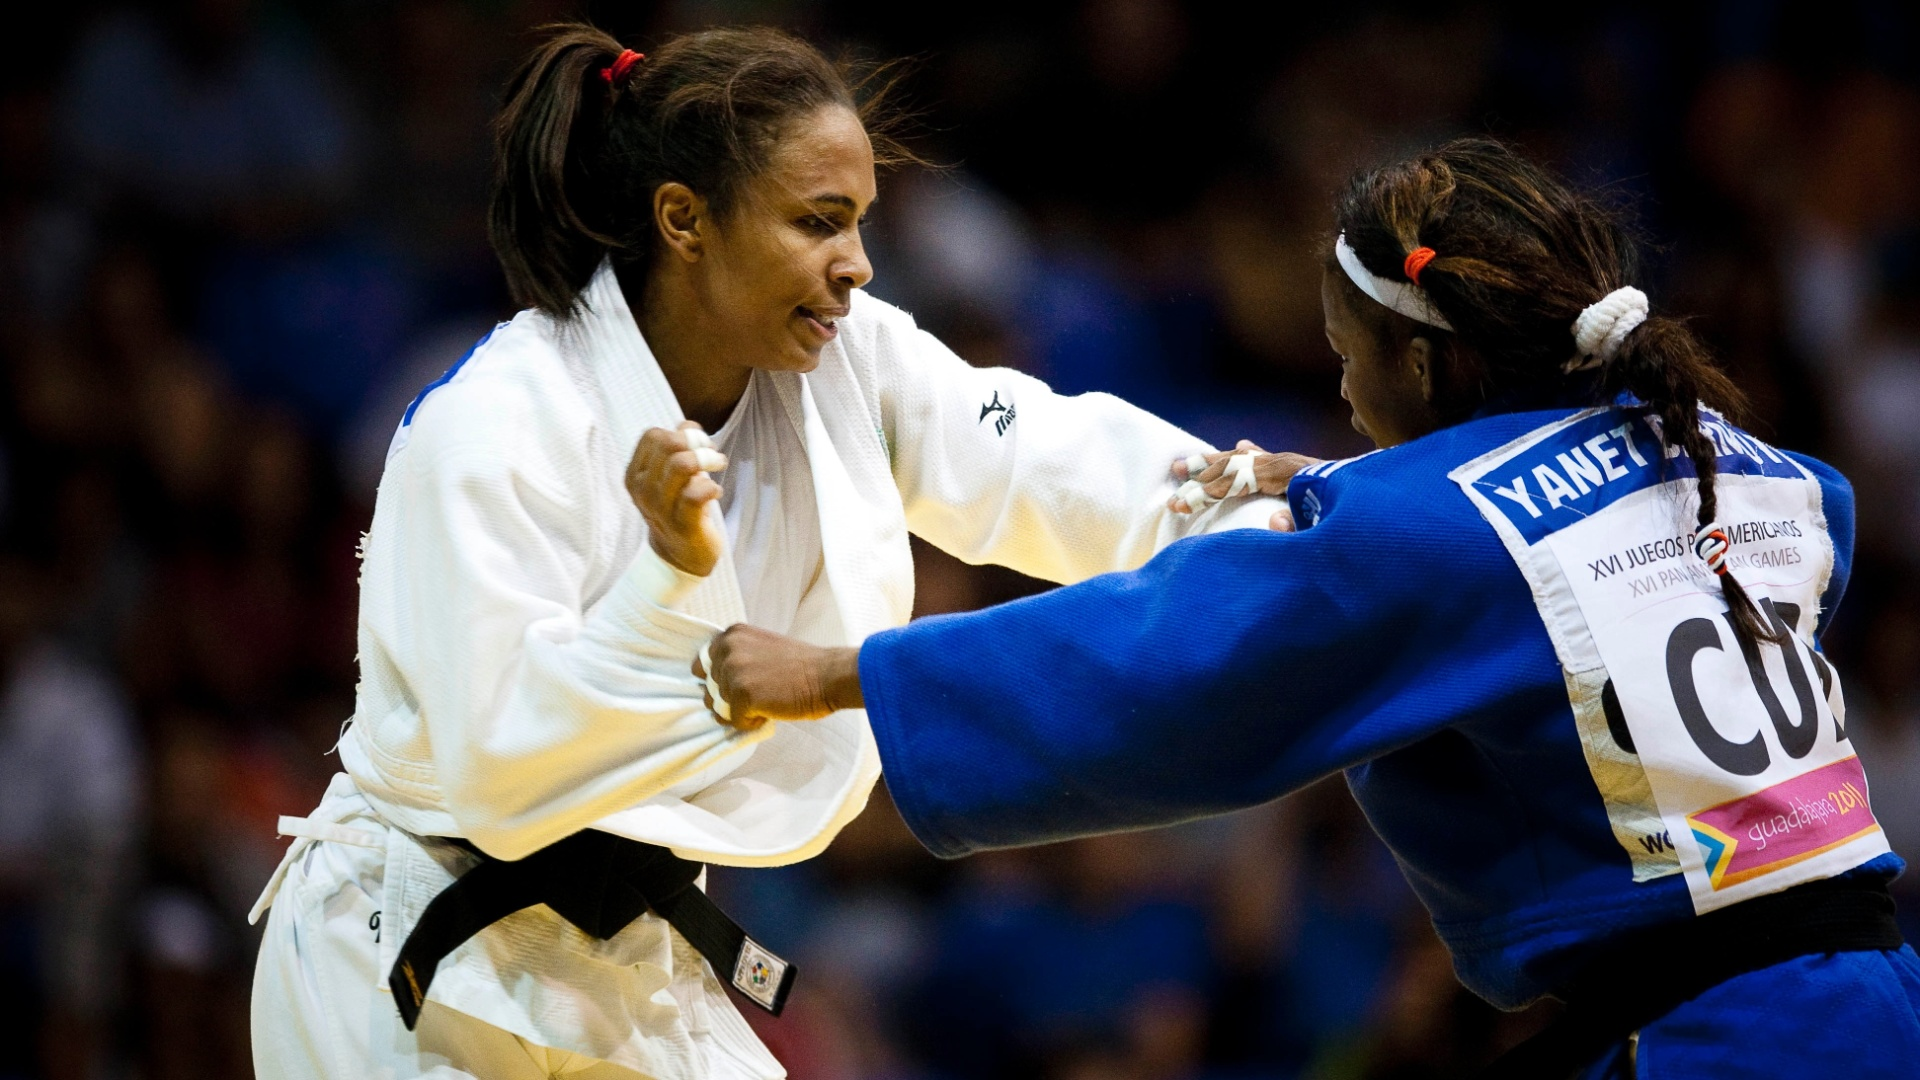 Érika Miranda (de branco) perdeu para a cubana Yanet Bermoy na final do judô e ficou com a prata (29/10/2011)